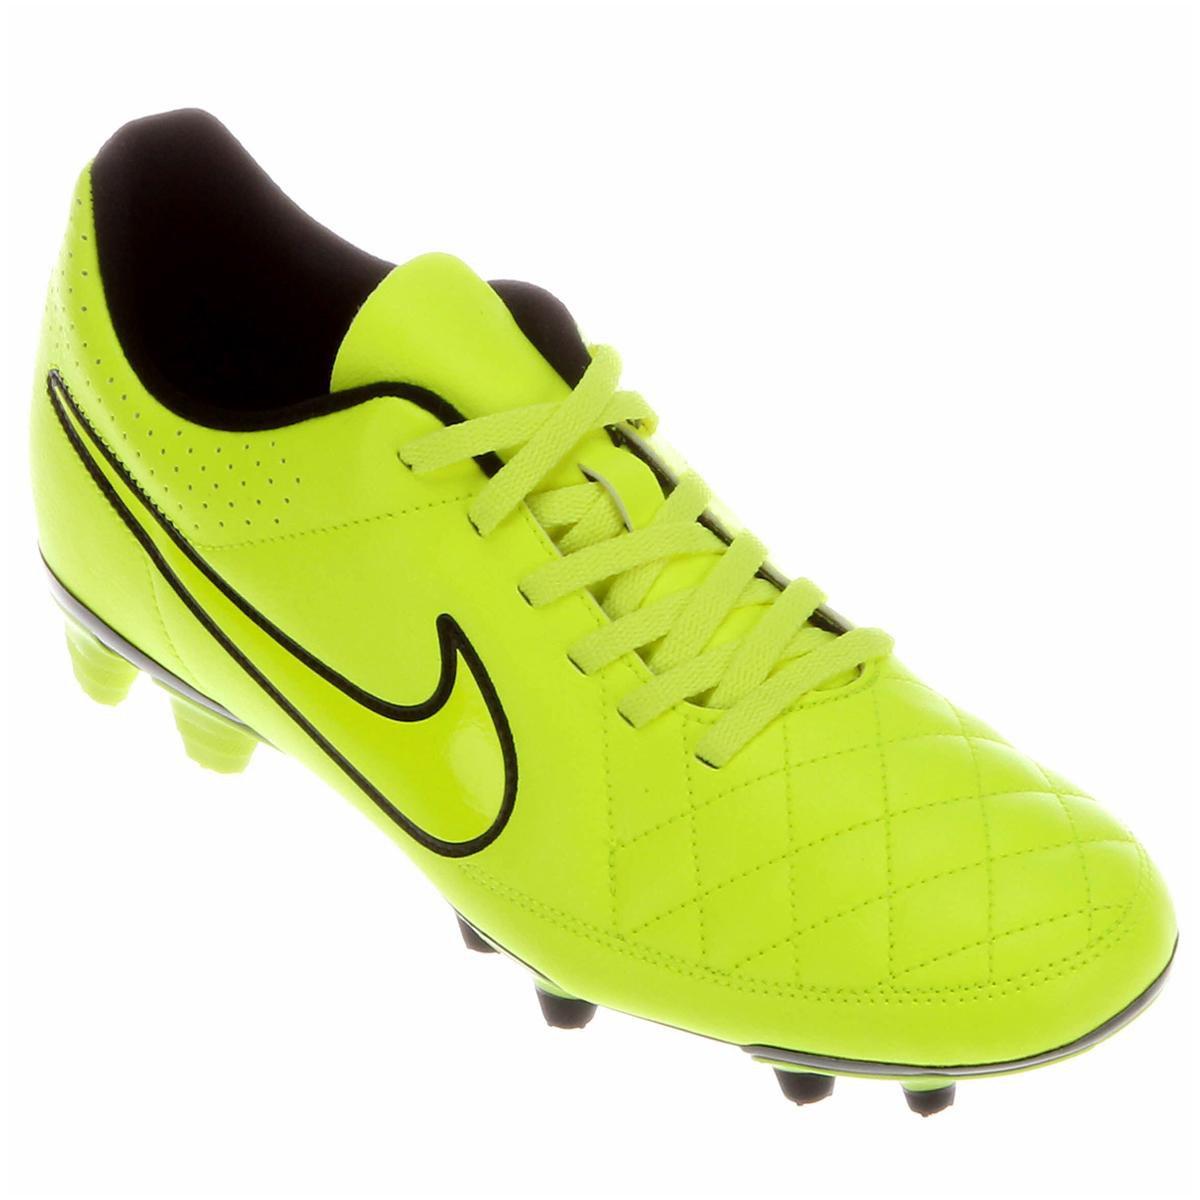 f676a993f4 Chuteira Nike Tiempo Rio 2 FG Campo - Compre Agora